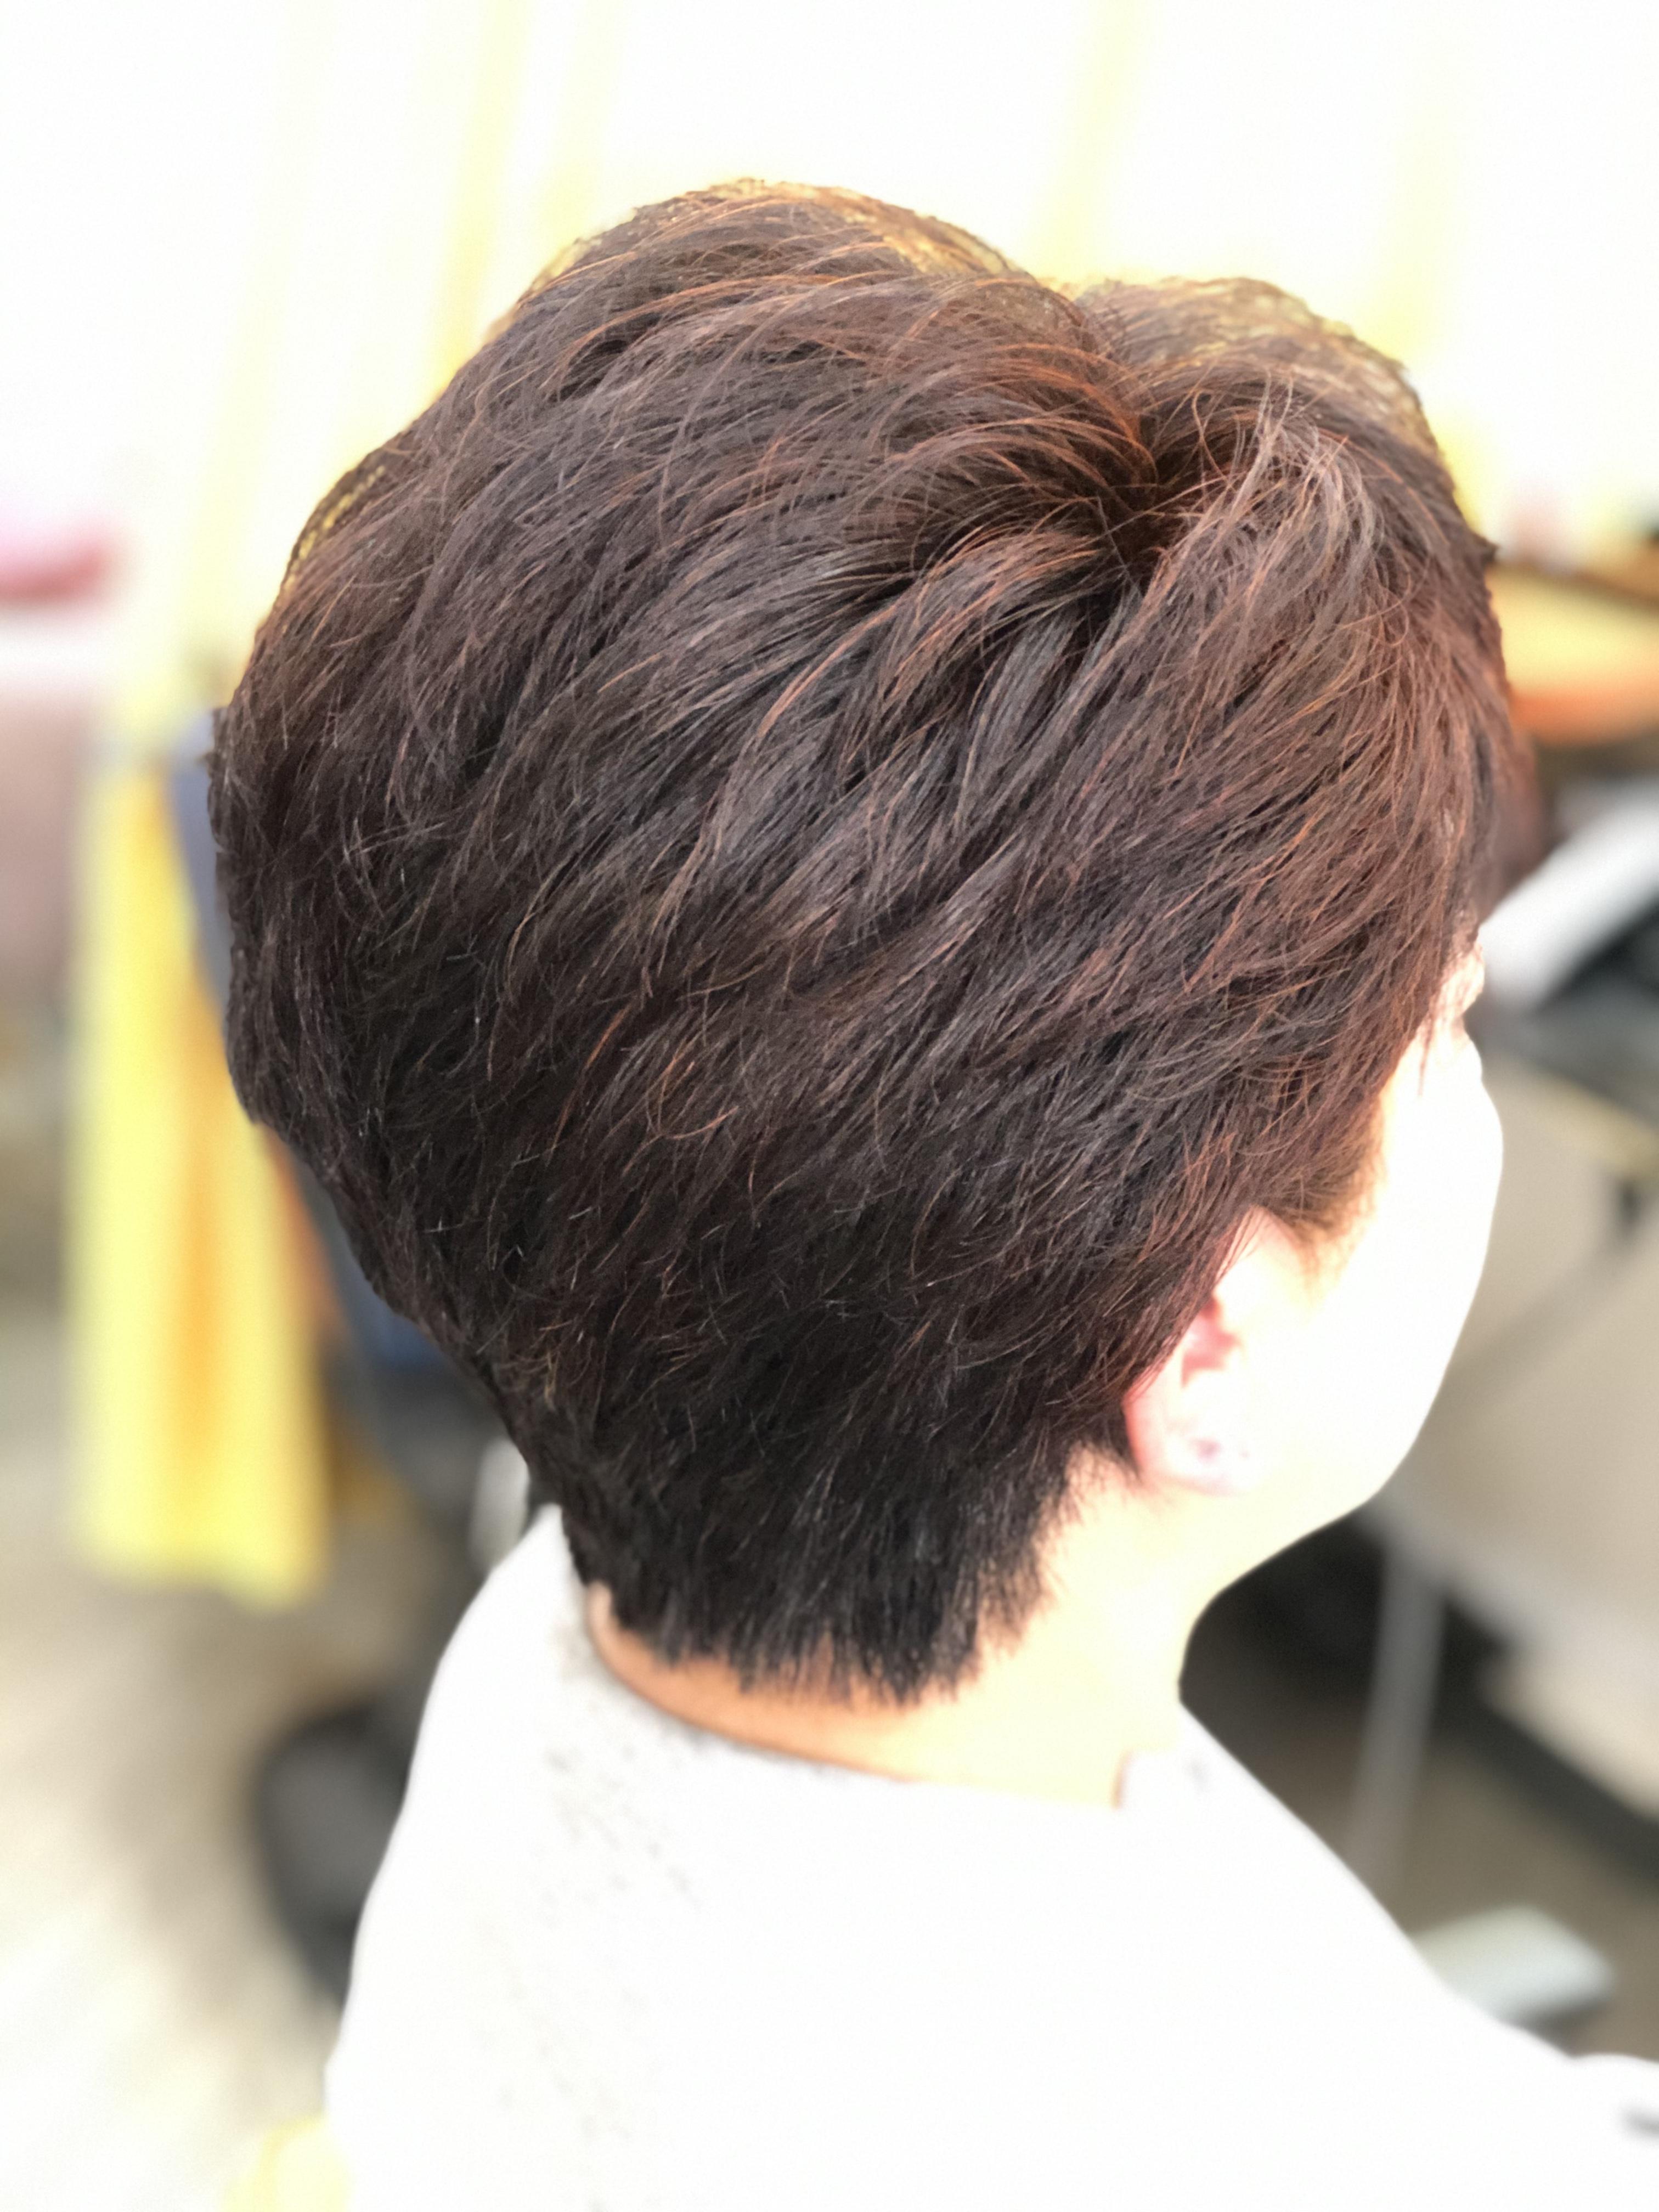 『本当に髪の毛が扱いやすくなってきた』と言われました。